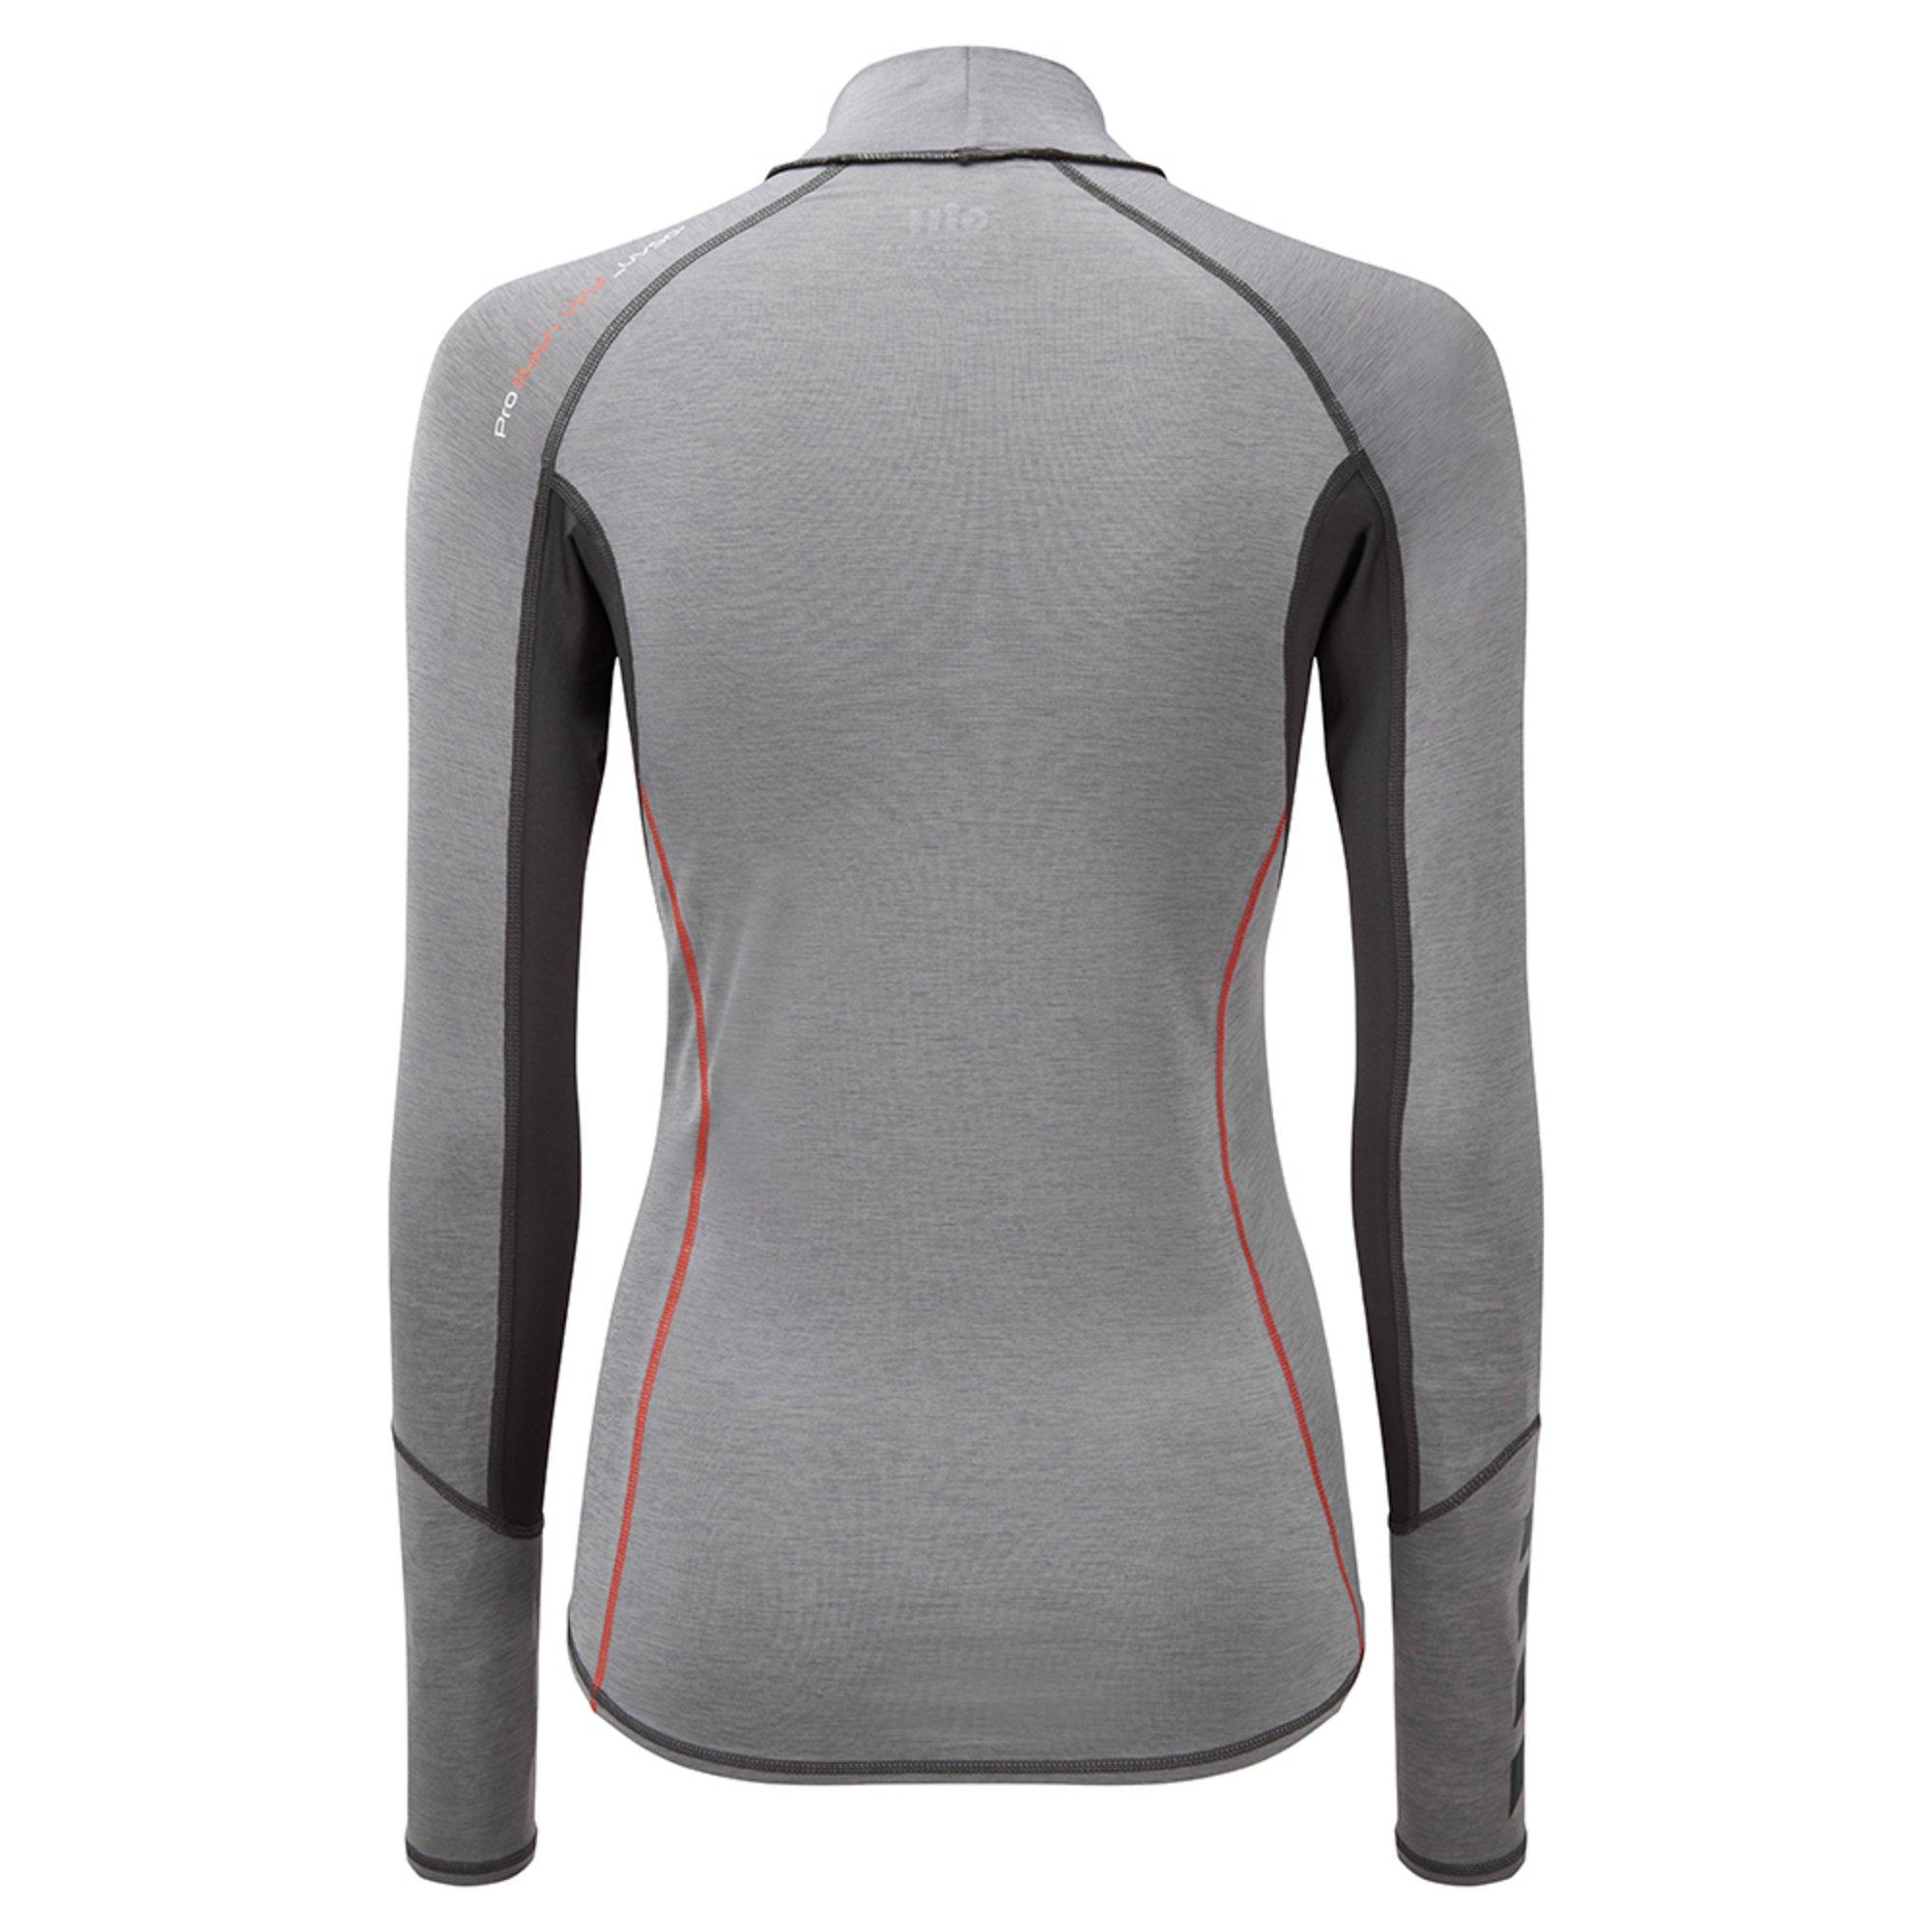 Women's Eco Pro Rash Vest Long Sleeve - 5025W-GRE18_2.jpg